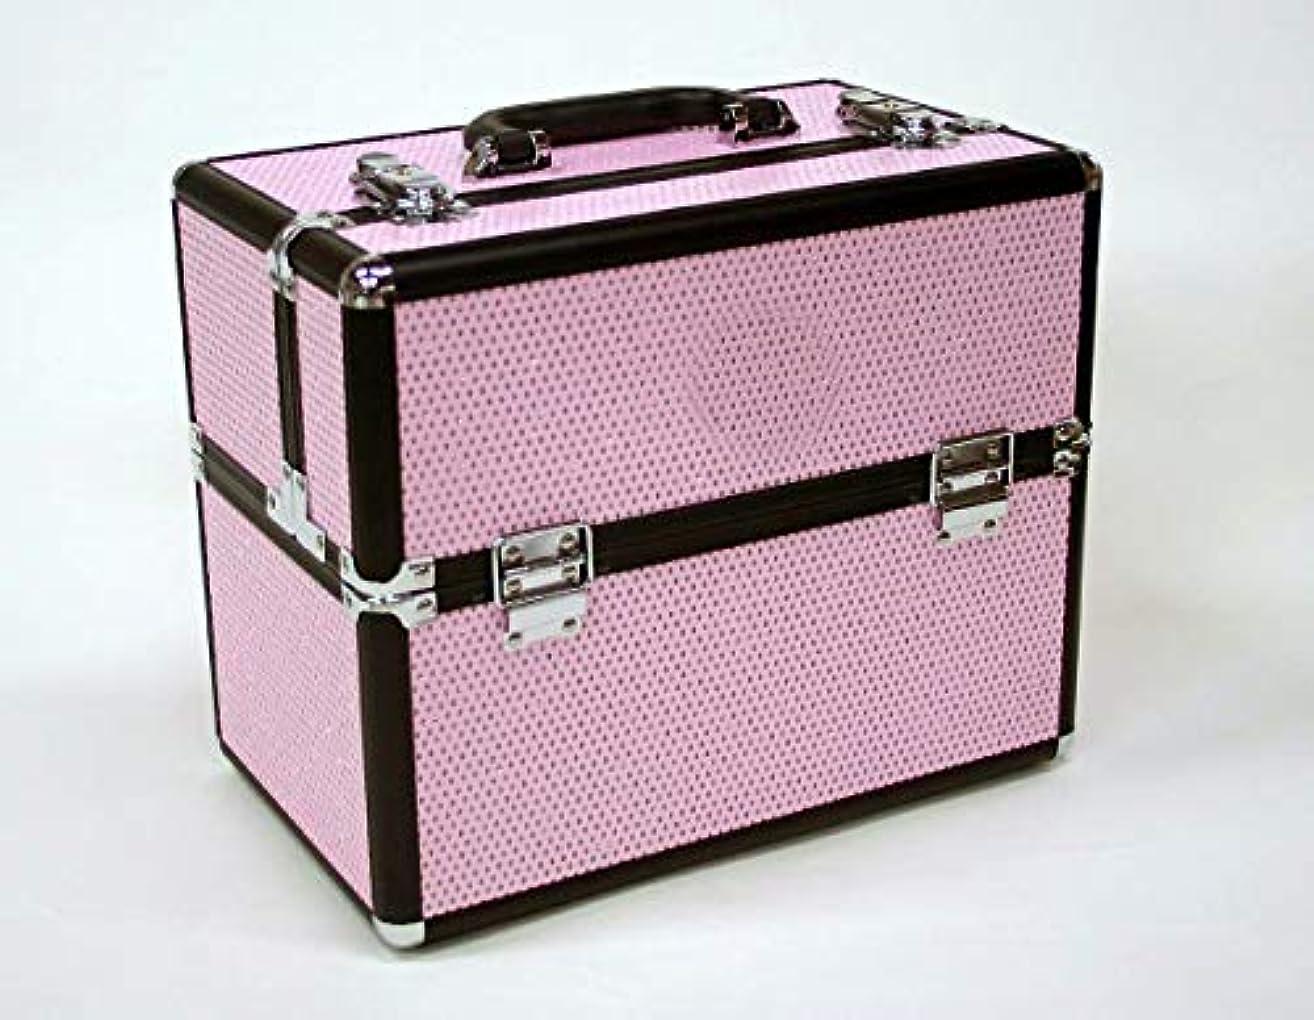 追う休憩するゲートメイクボックス|D2651IK-6|軽量タイプ|コスメボックス 化粧箱 メイクアップボックス|Make box MAKE UP BOX